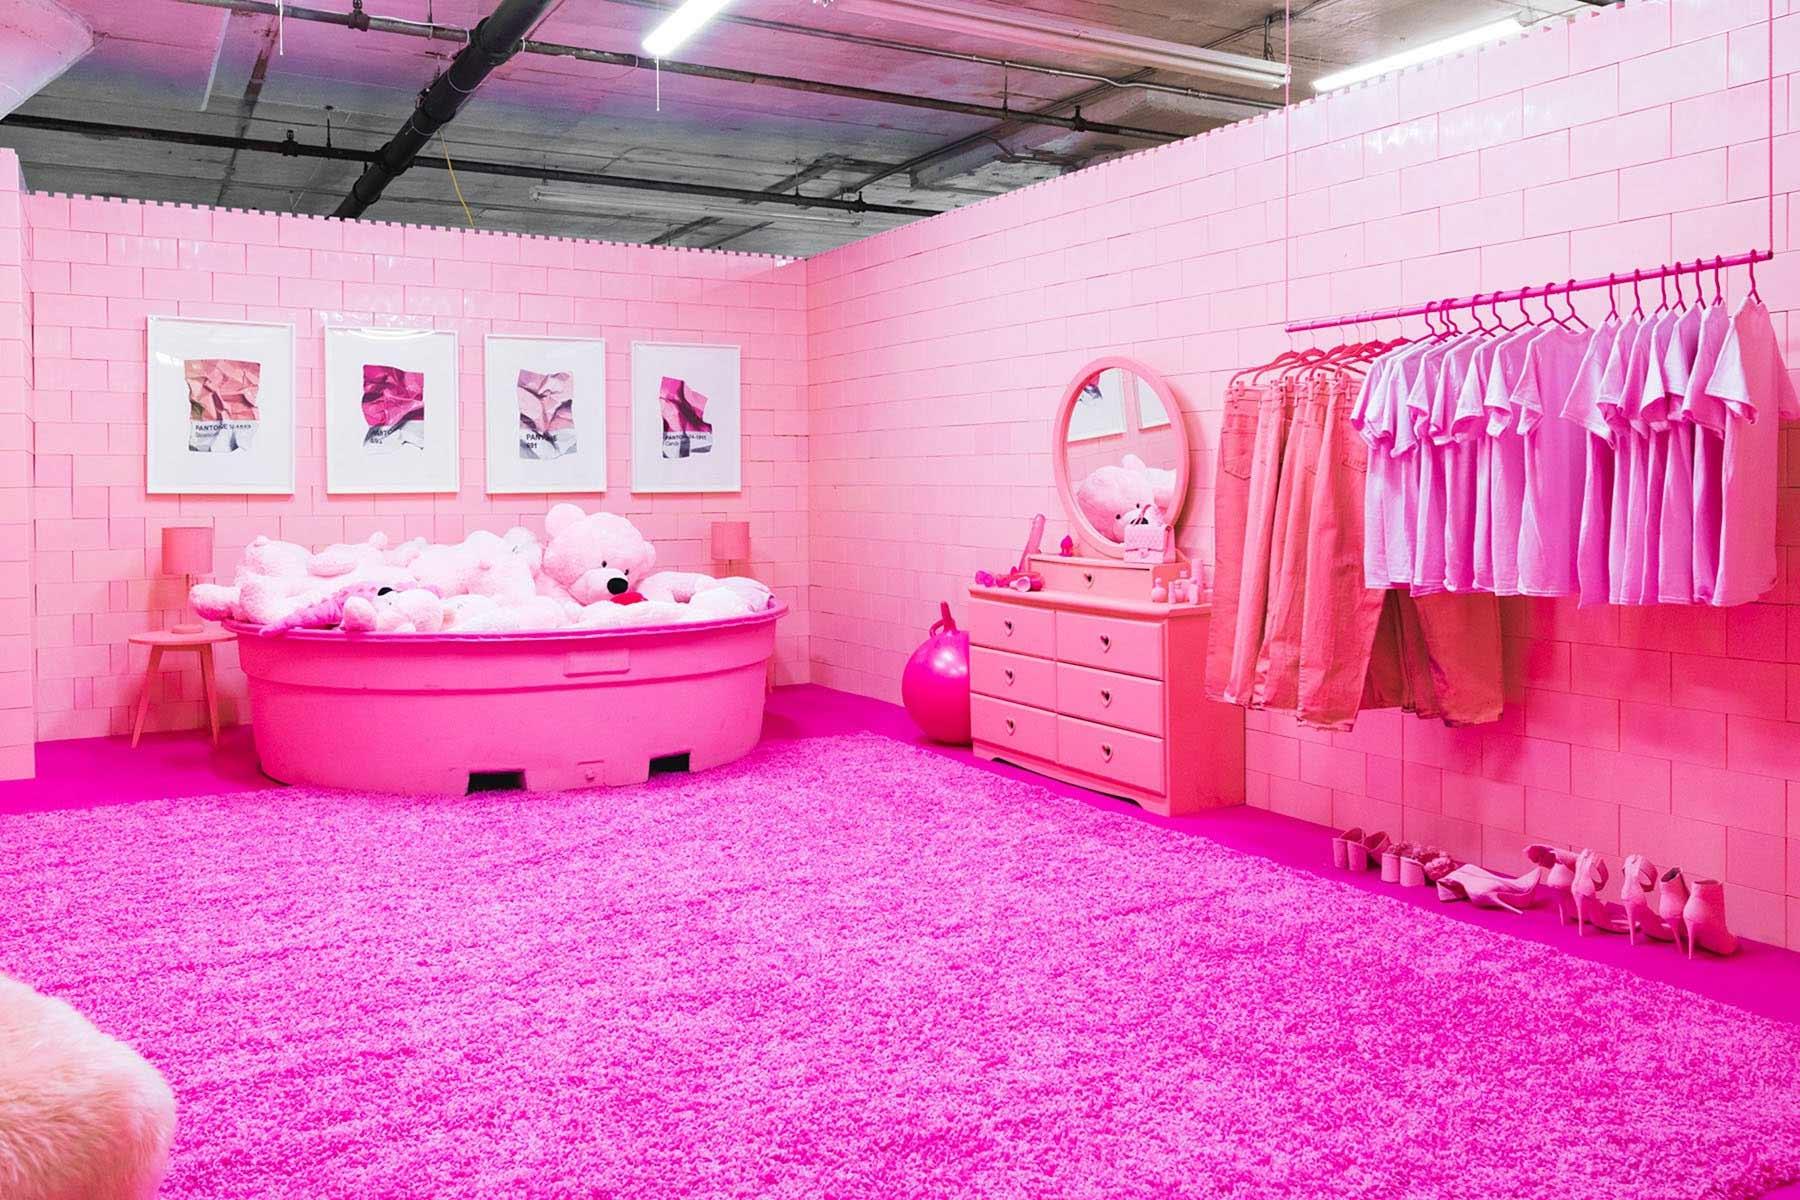 Ein Raum, eine Farbe Monochrome_CJ-Hendry_03